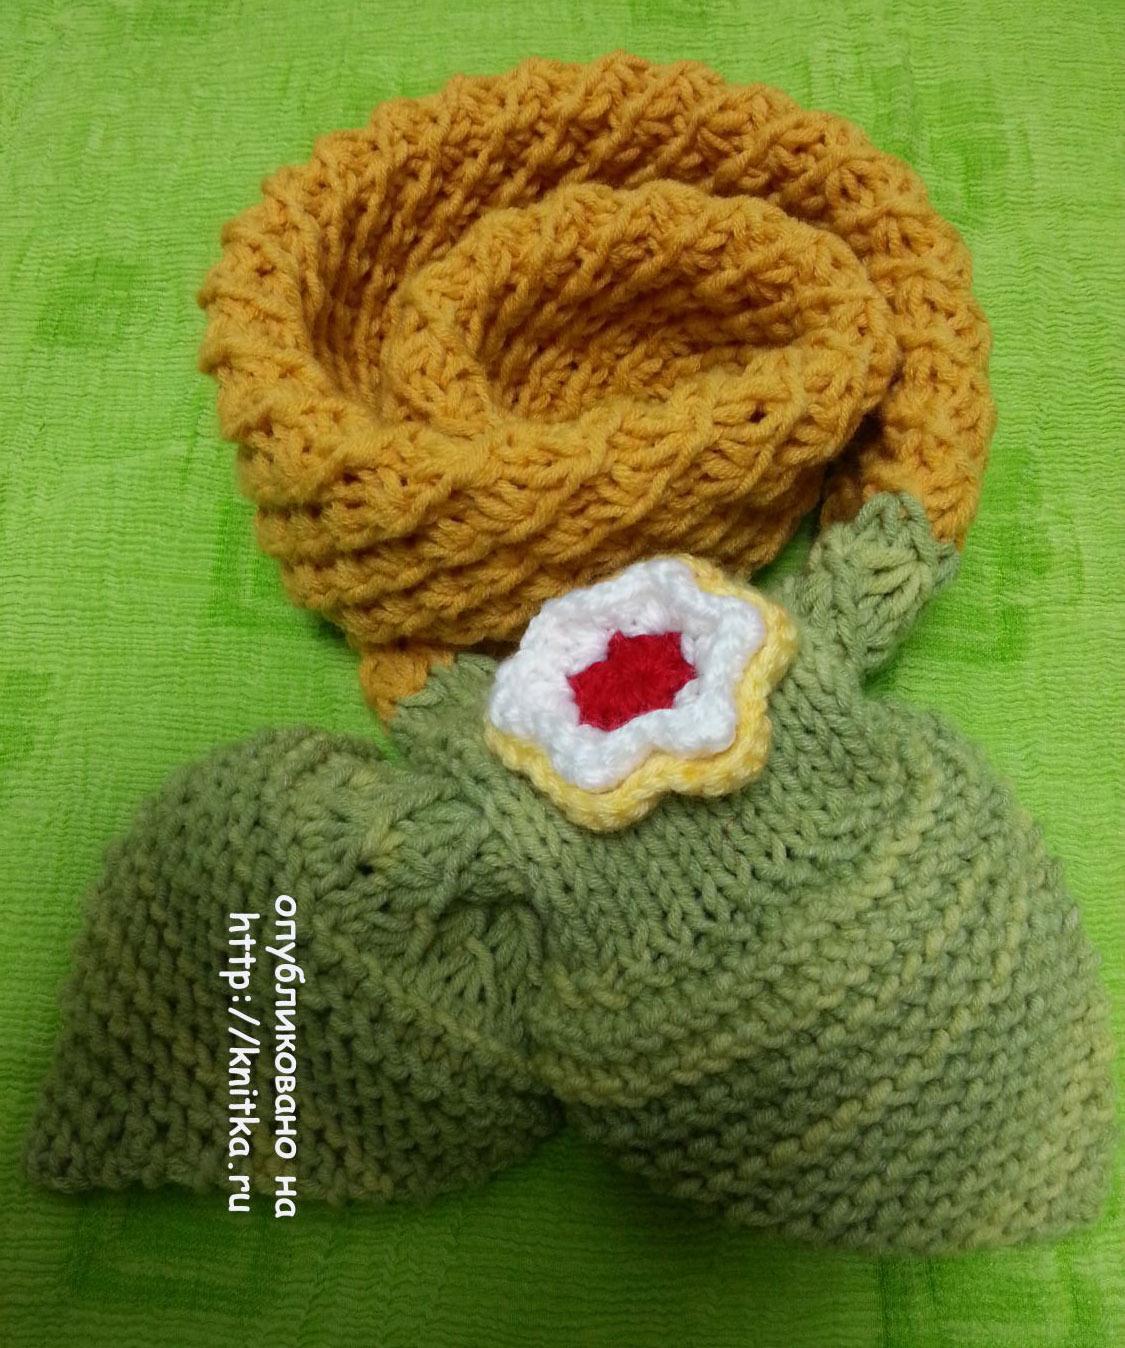 20 моделей детских шарфов спицами бесплатно с описанием ...